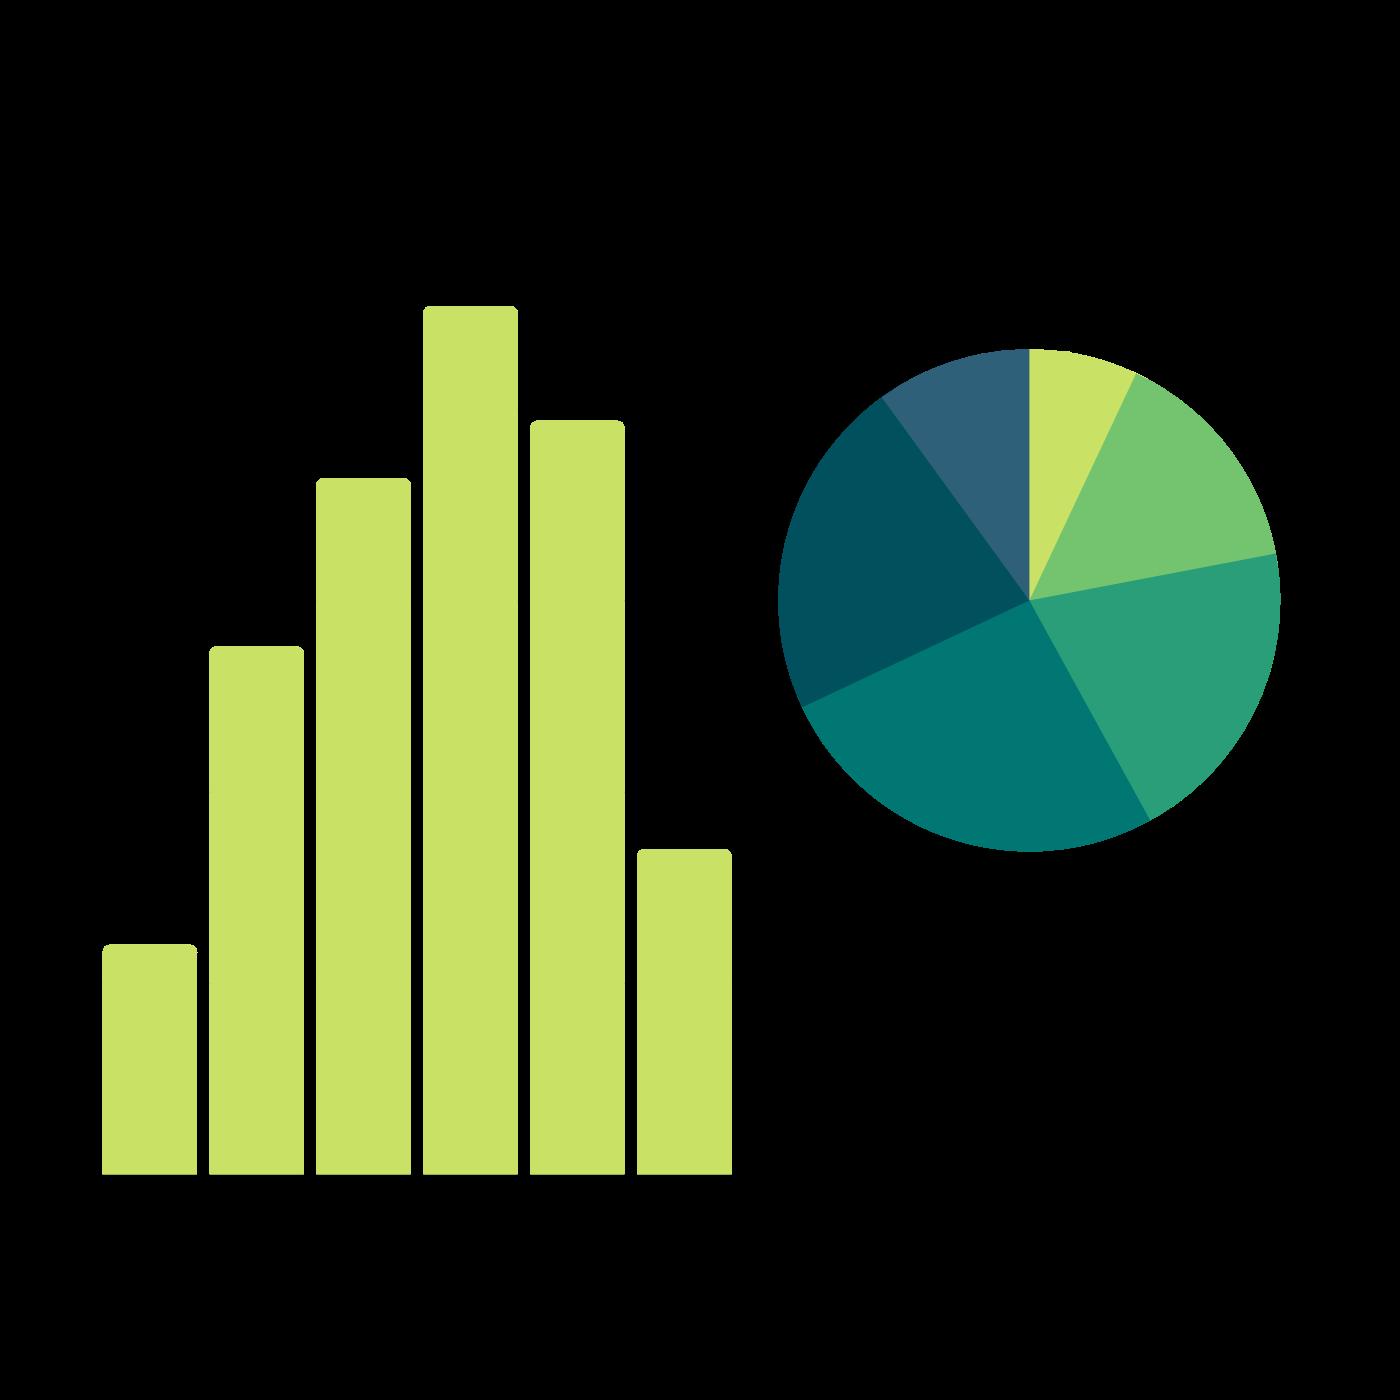 Las Acciones Para Mejorar El Tránsito En Santa Tecla. Rango temporal accidentabilidad 2019. Infografía. Roberto d'Aubuisson. 2021